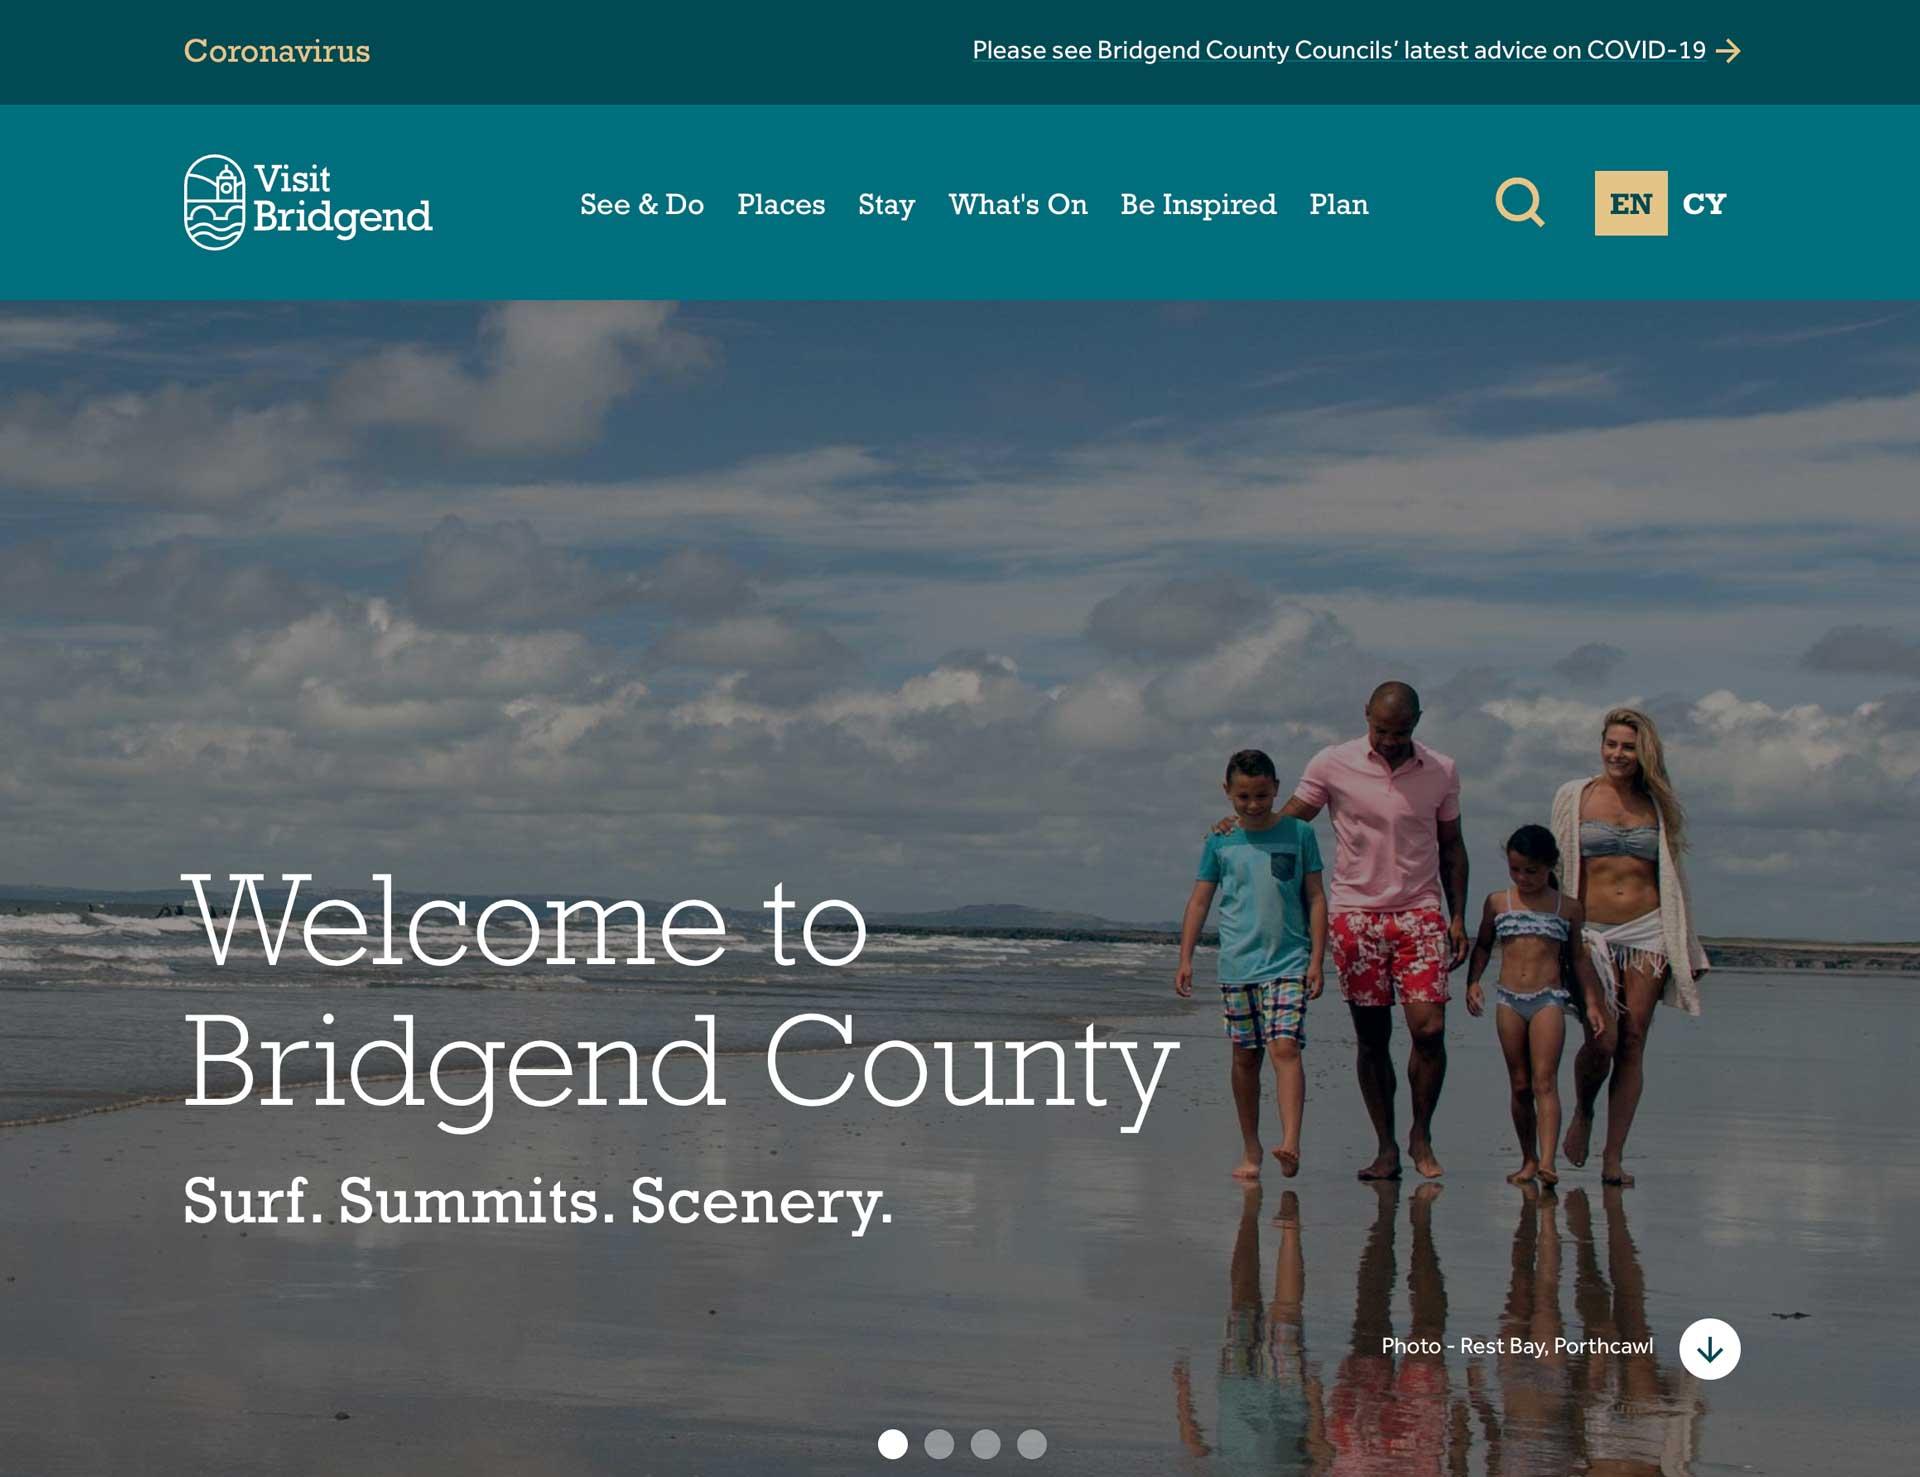 Visit Bridgend